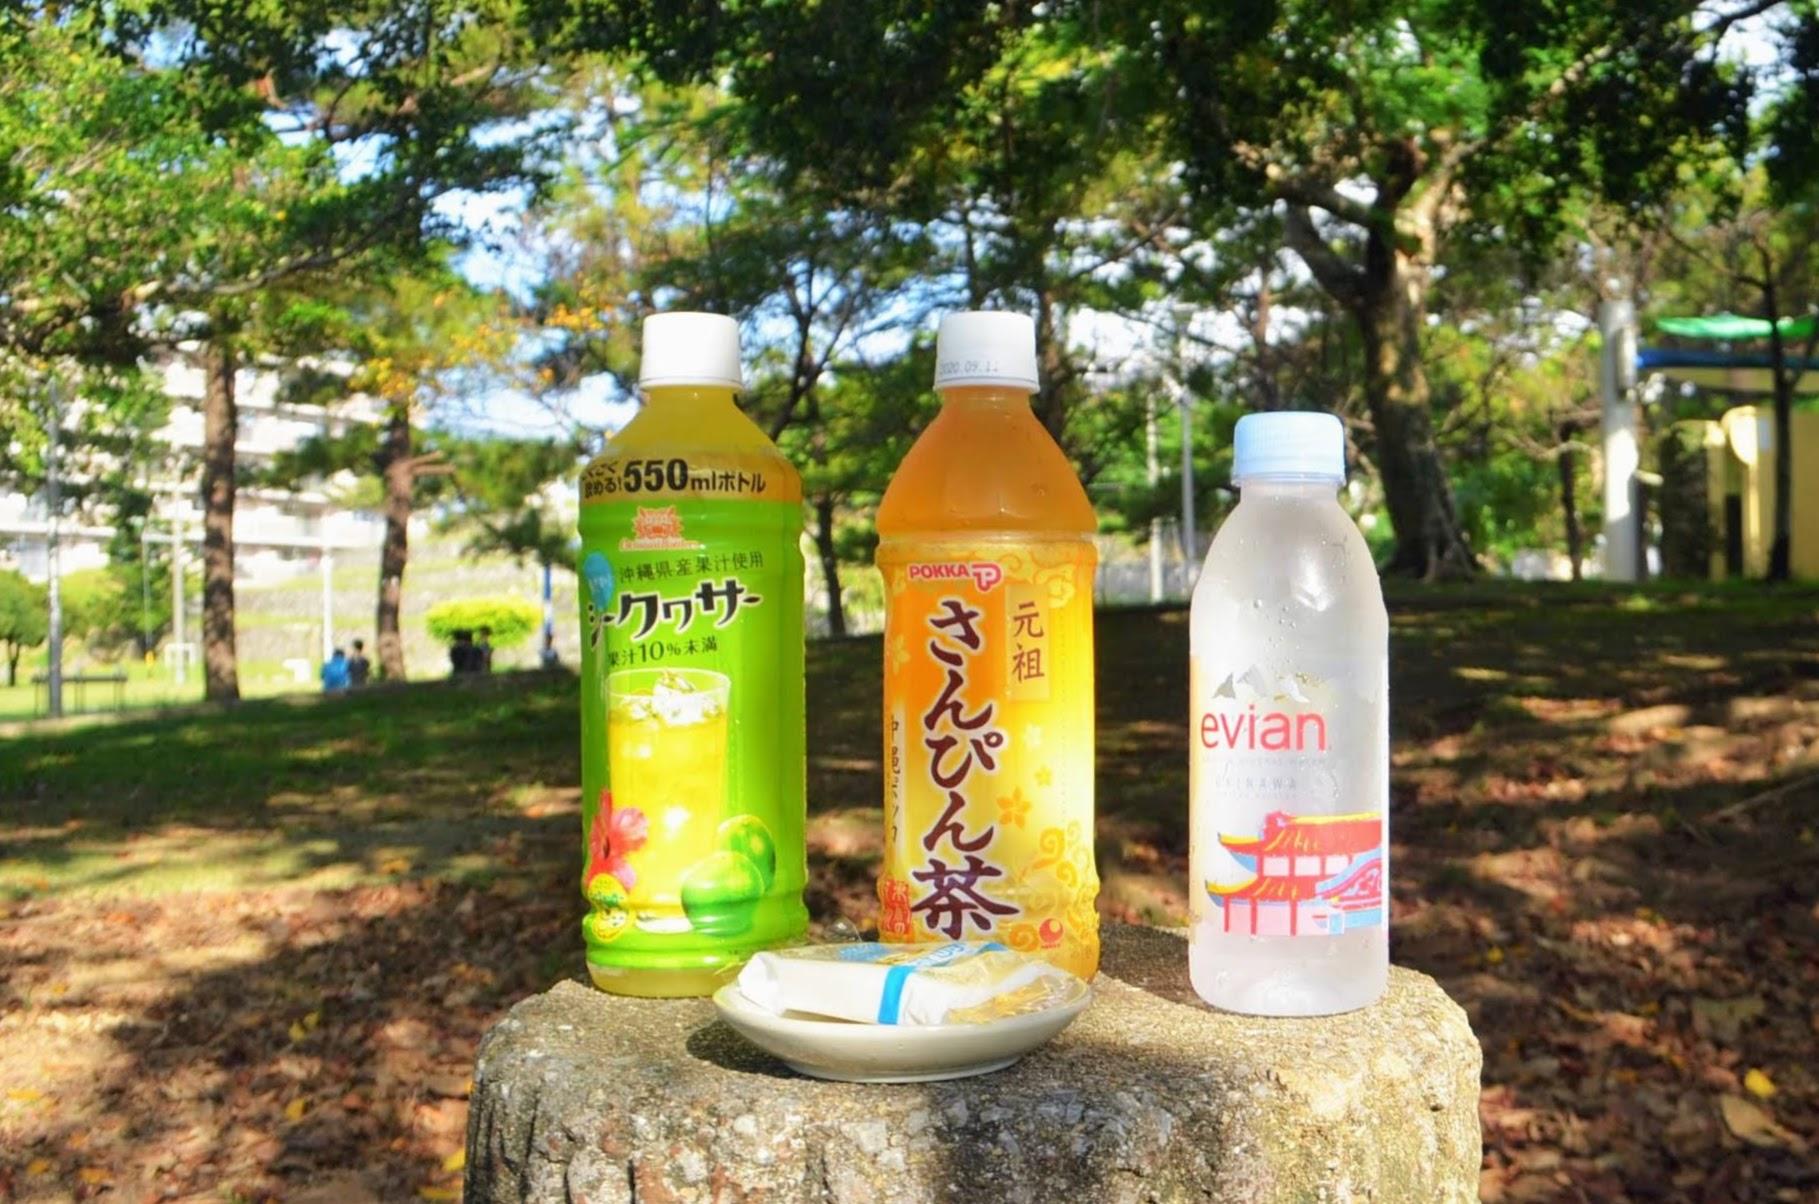 沖縄 コンビニ お土産 沖縄土産 ソフトドリンク シークヮーサー さんぴん茶